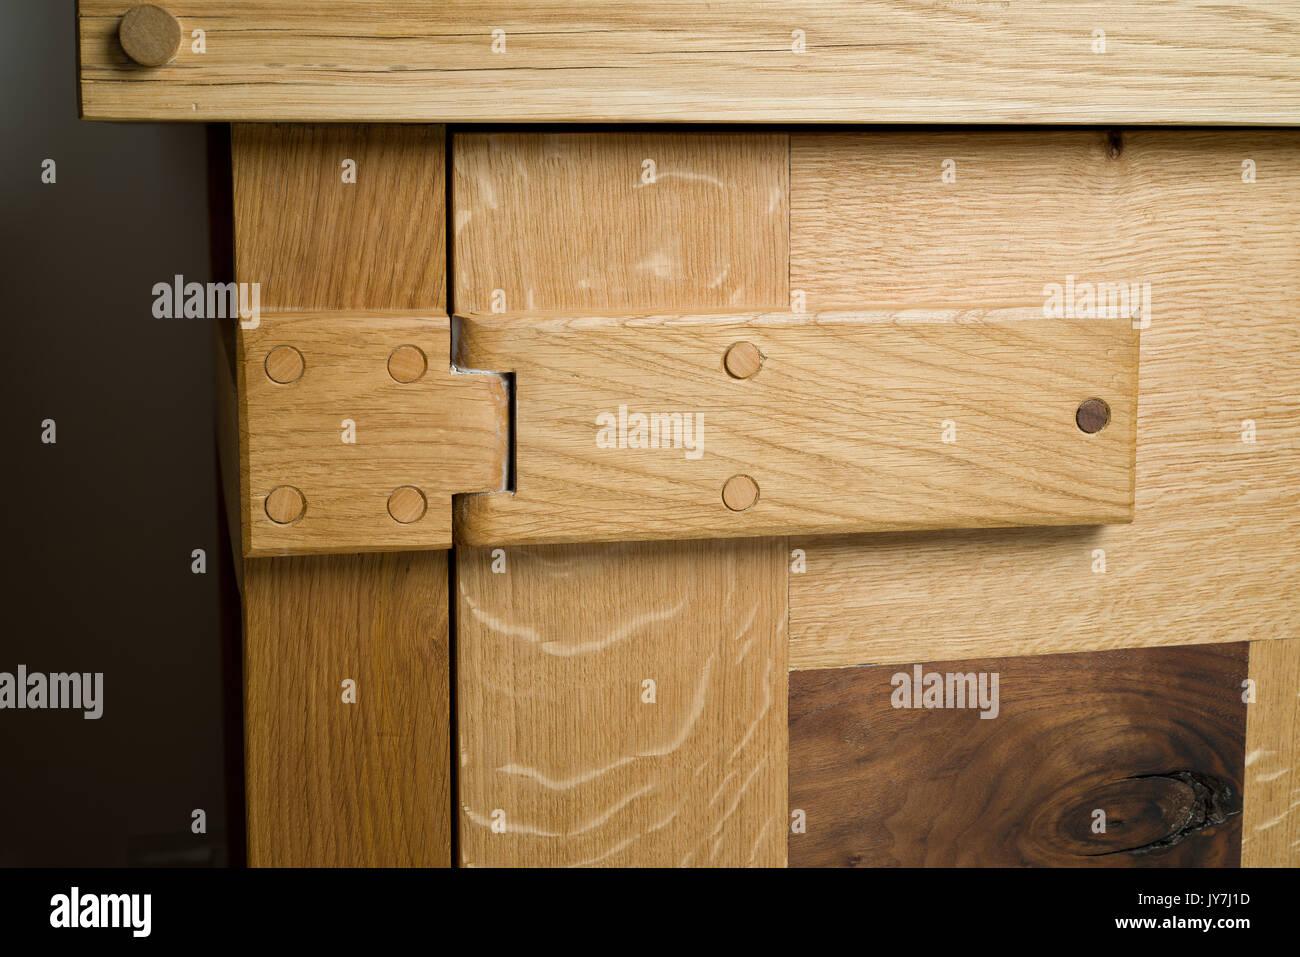 Holz Scharnier auf Eiche Schrank Stockfoto, Bild: 154446473 - Alamy